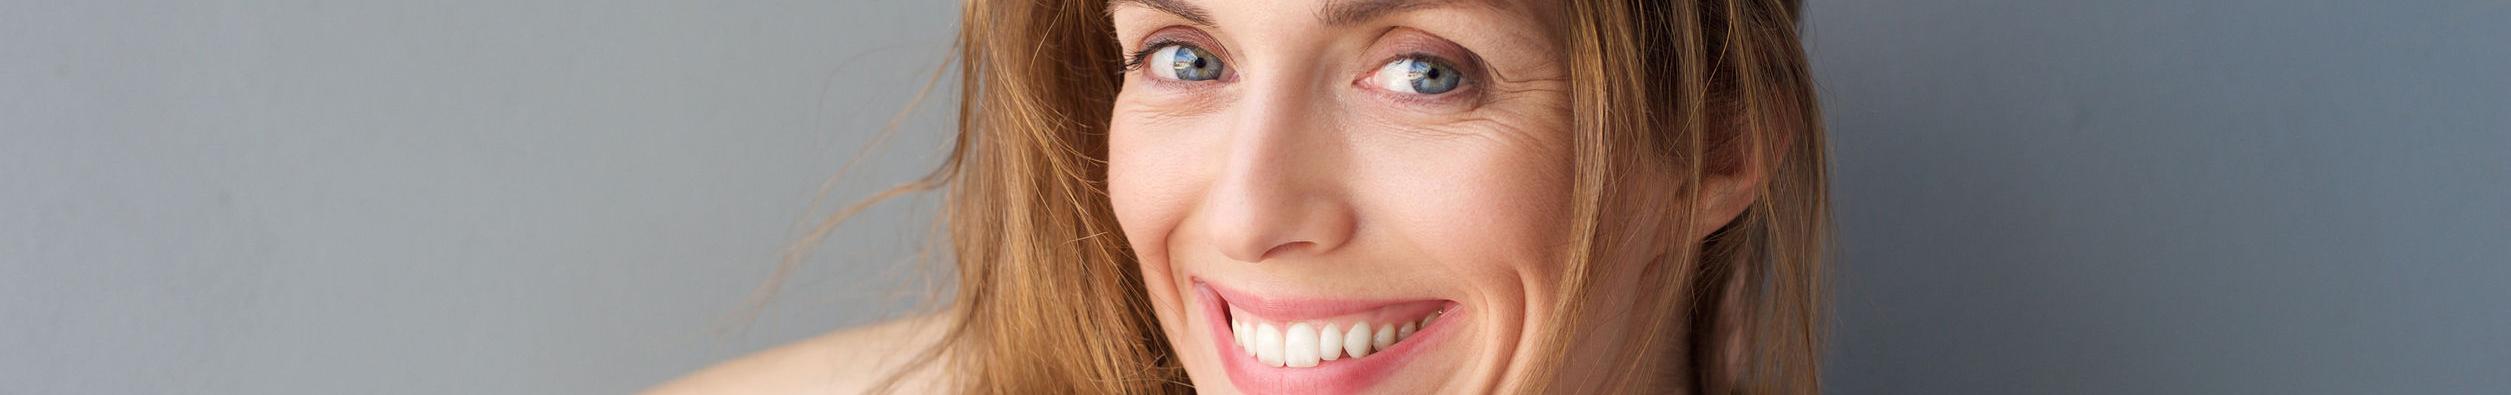 Woman Smiling Boerne Dermatology